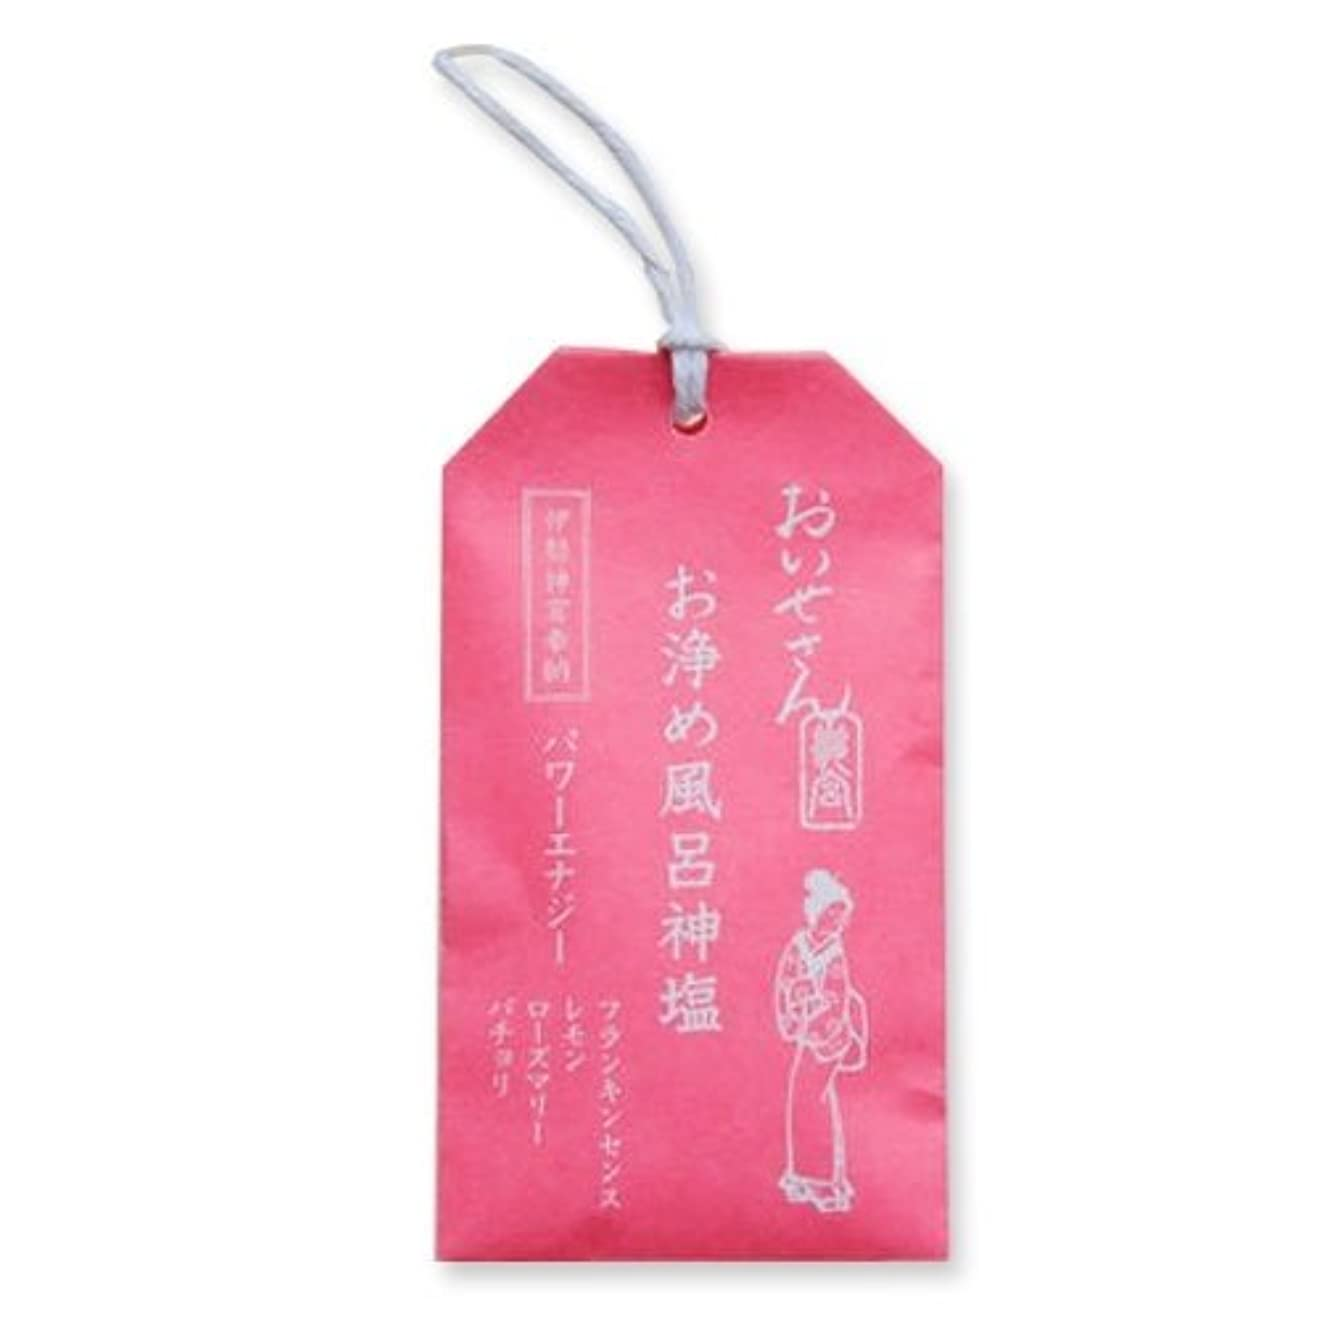 ラフ睡眠沿って詳細なおいせさん お浄め風呂神塩 バス用ソルト(パワーエナジー) 20g